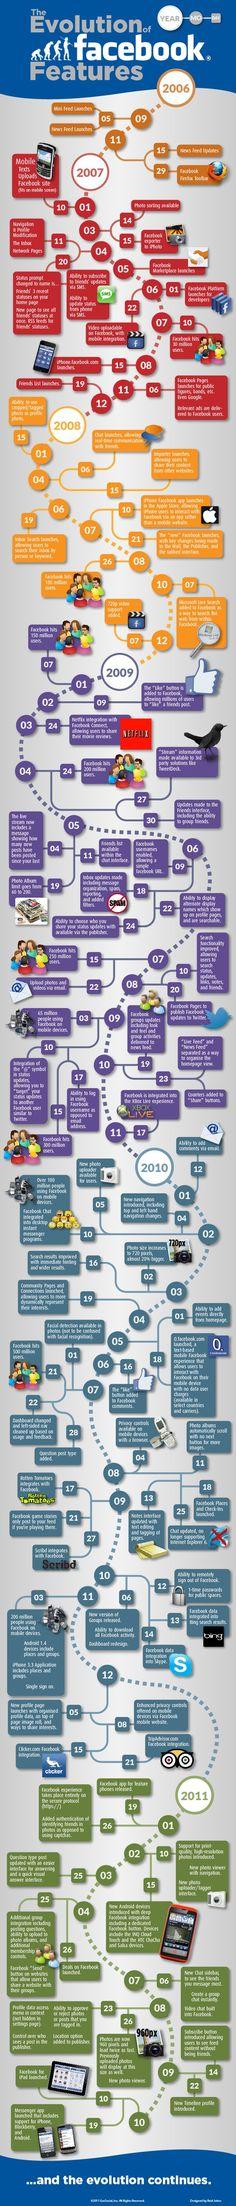 Mega infográfico mostra a evolução dos recursos do Facebook